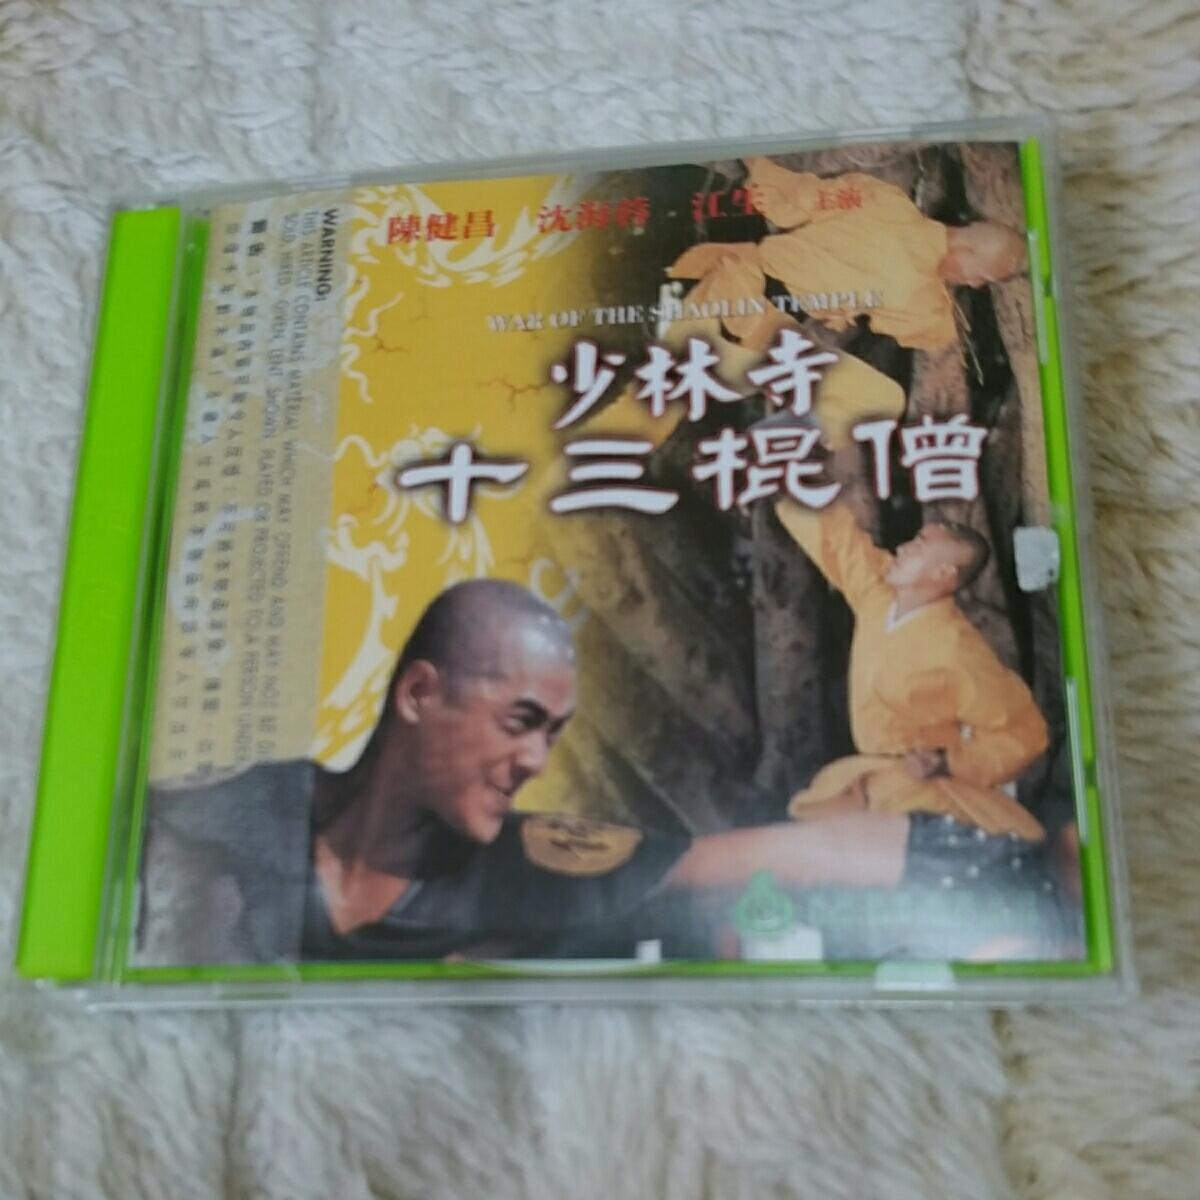 少林寺 十三棍僧 カンフー映画VCD (疾風少林寺十三拳士)